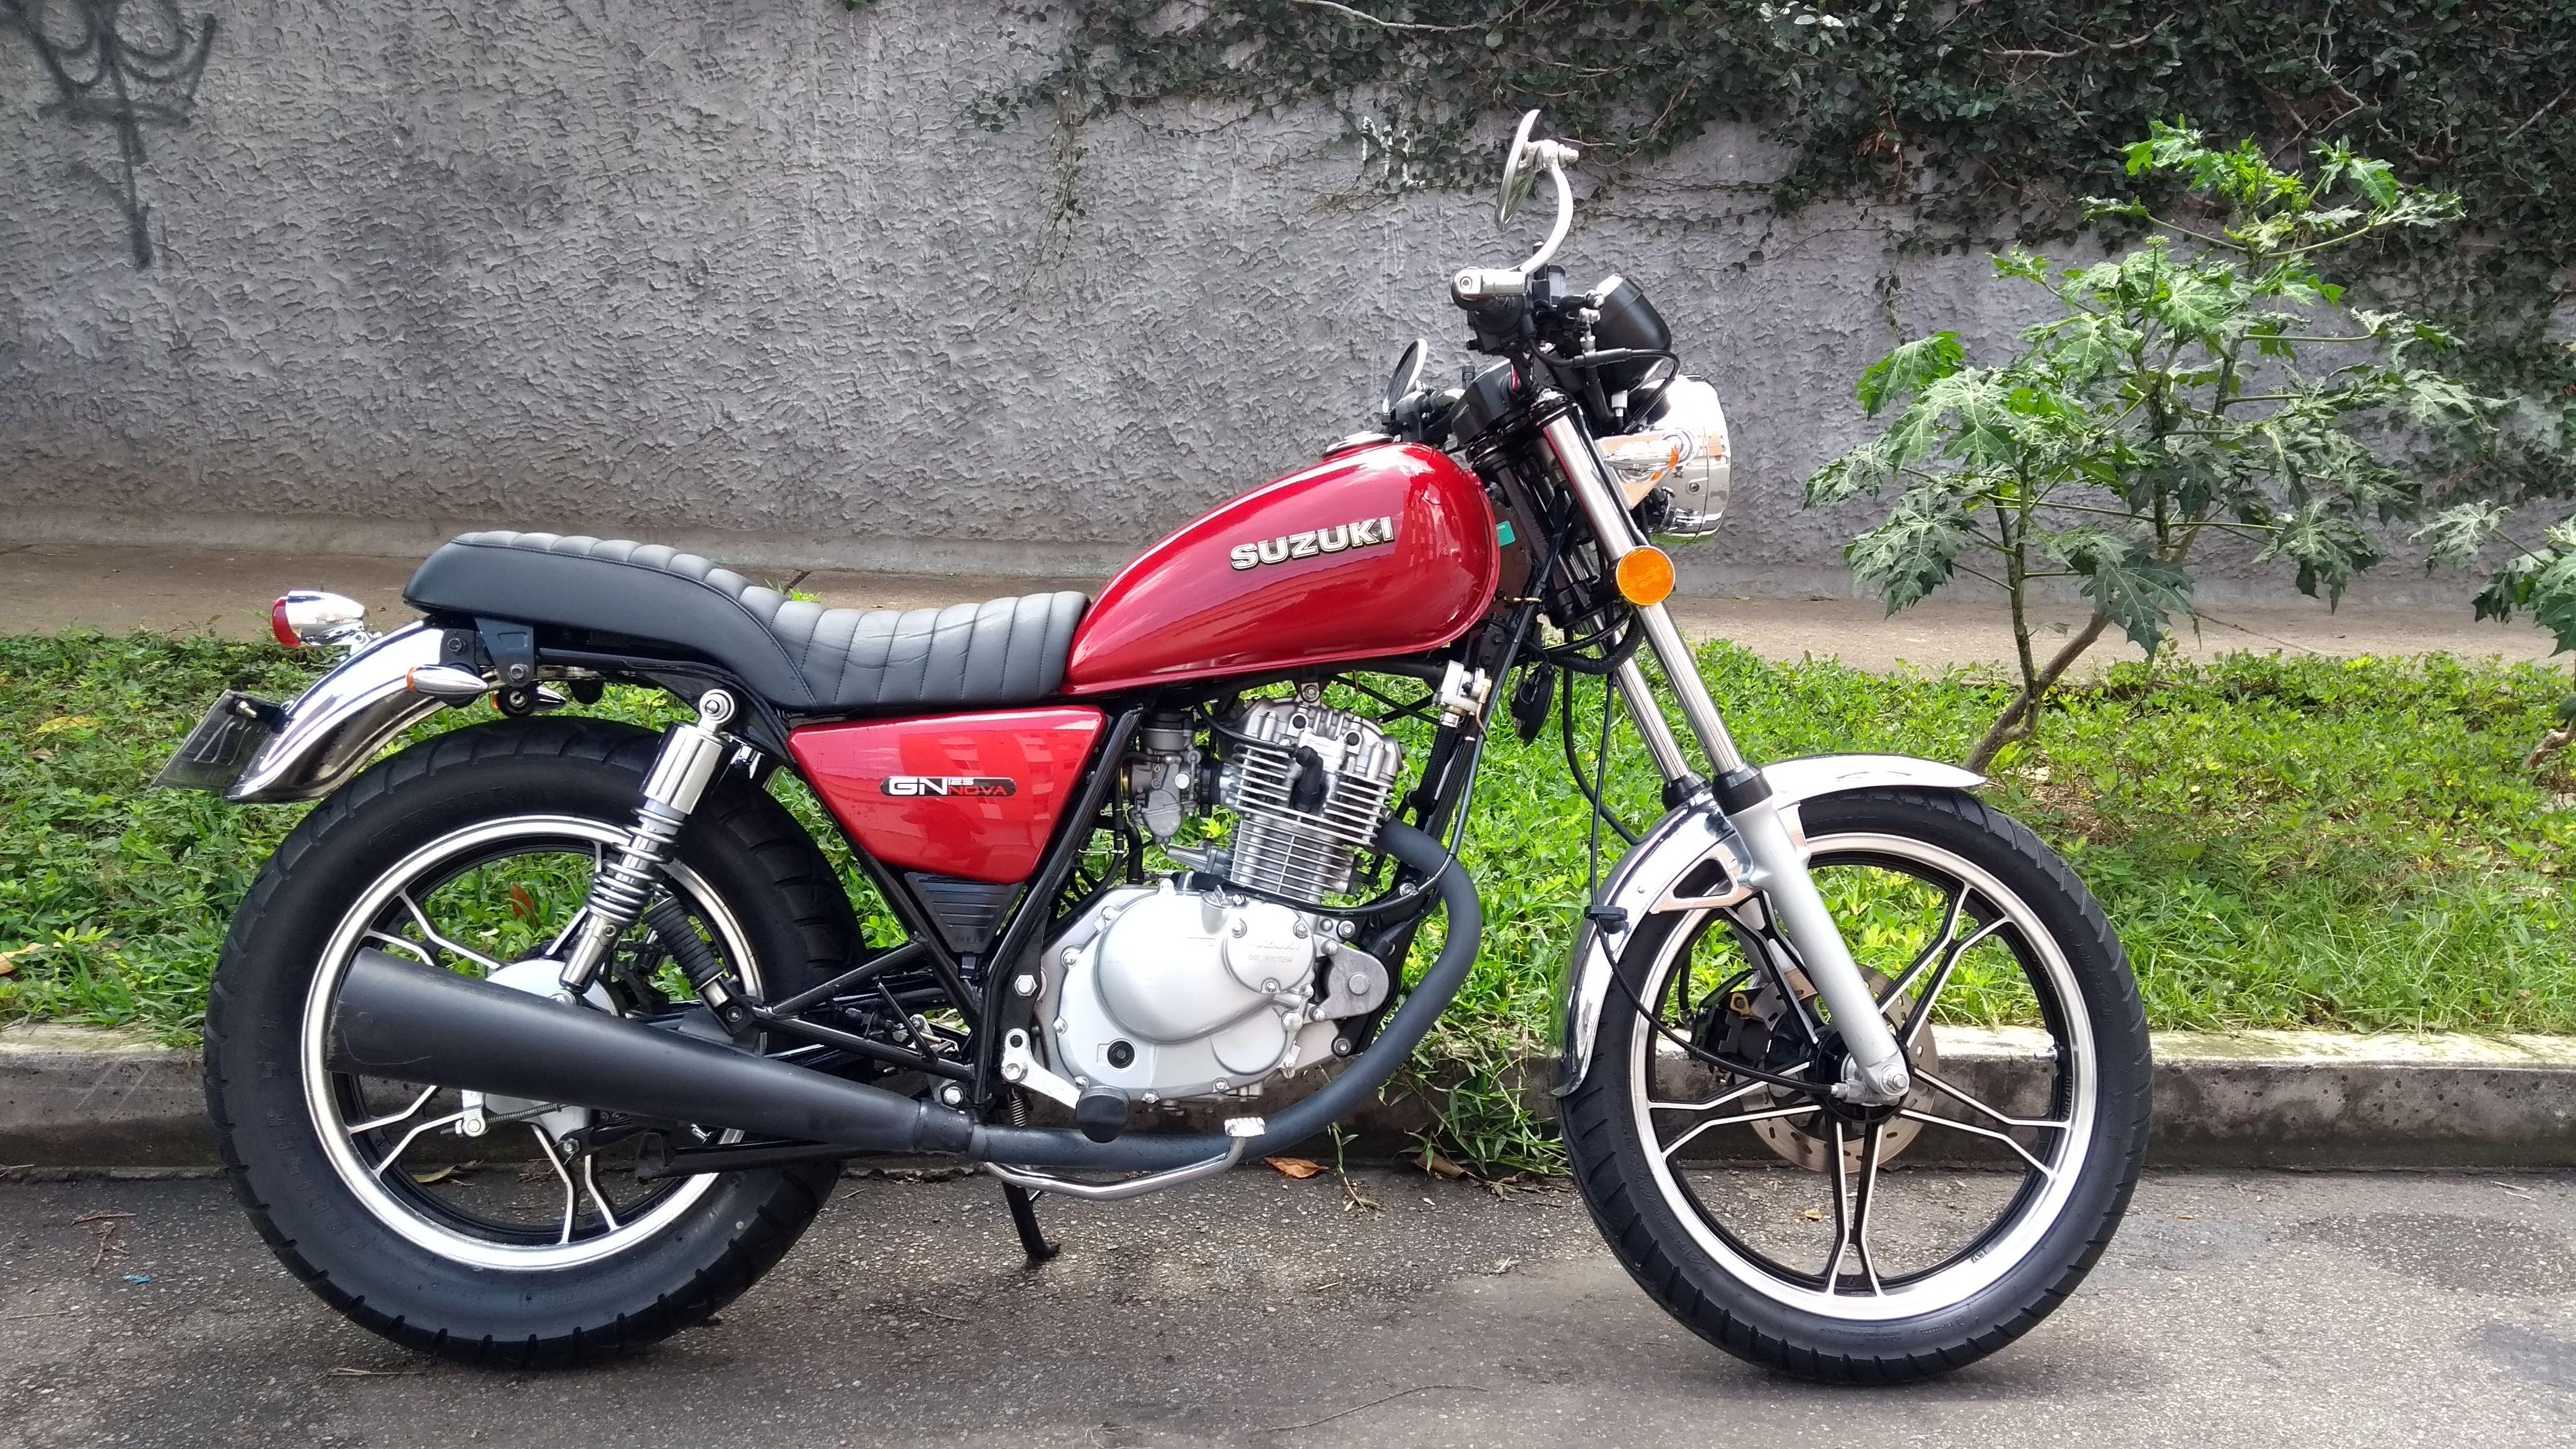 suzuki gn 125 modificada colombia motos y autos honda. Black Bedroom Furniture Sets. Home Design Ideas